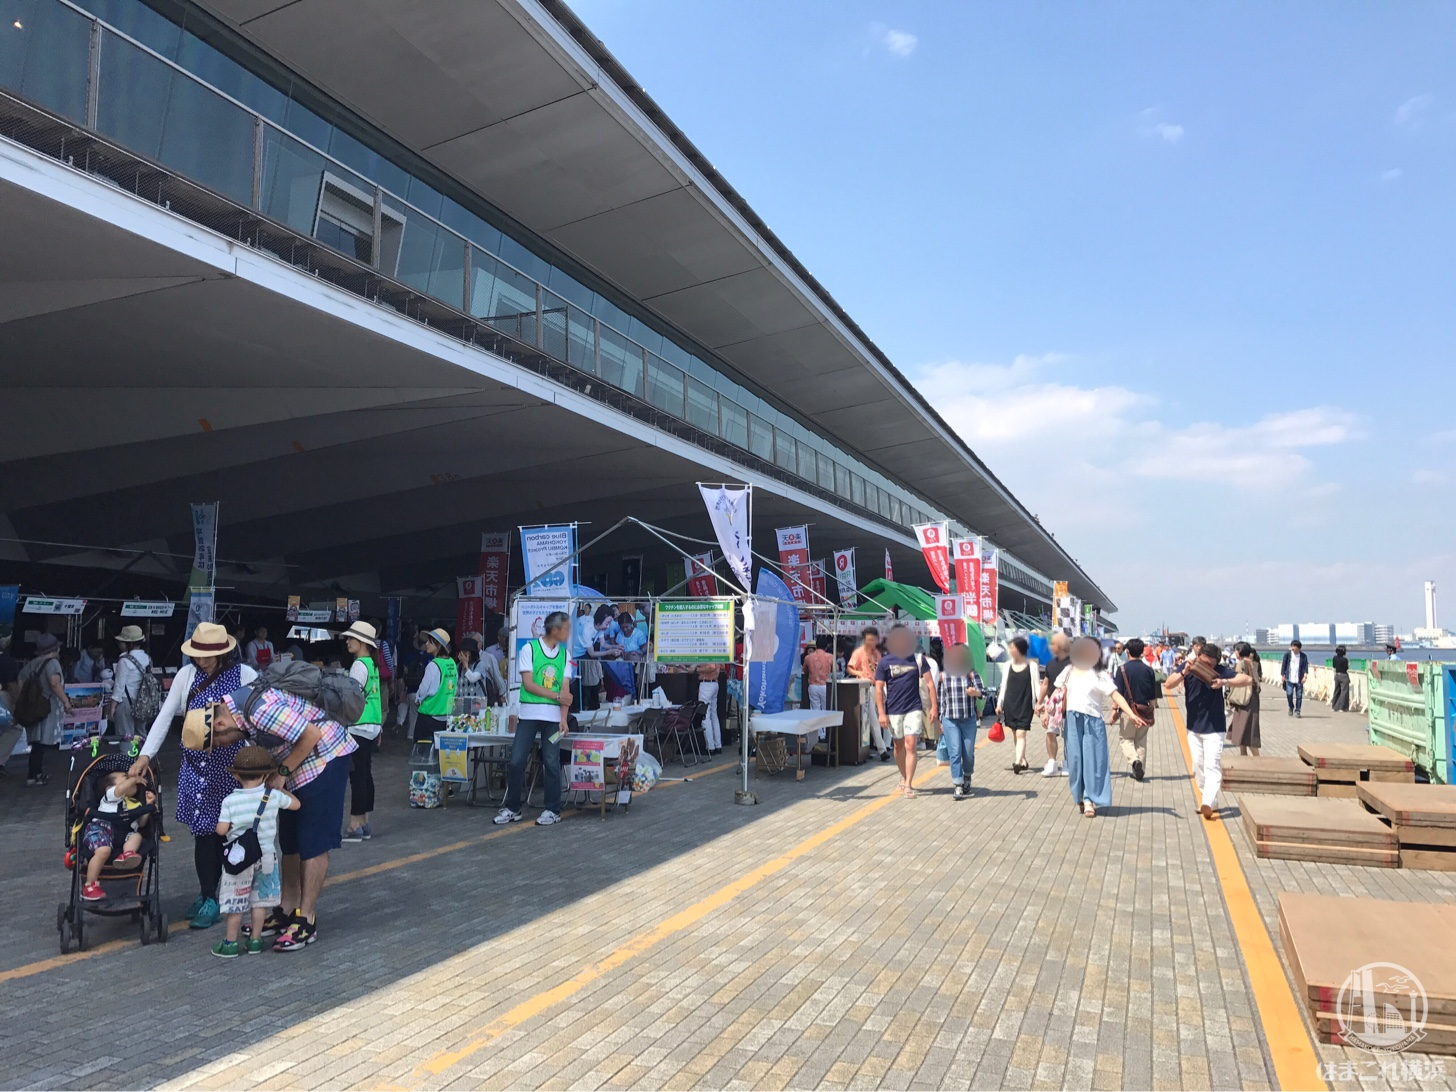 第8回「横浜港大さん橋マルシェ」が2018年6月16日・17日に開催!